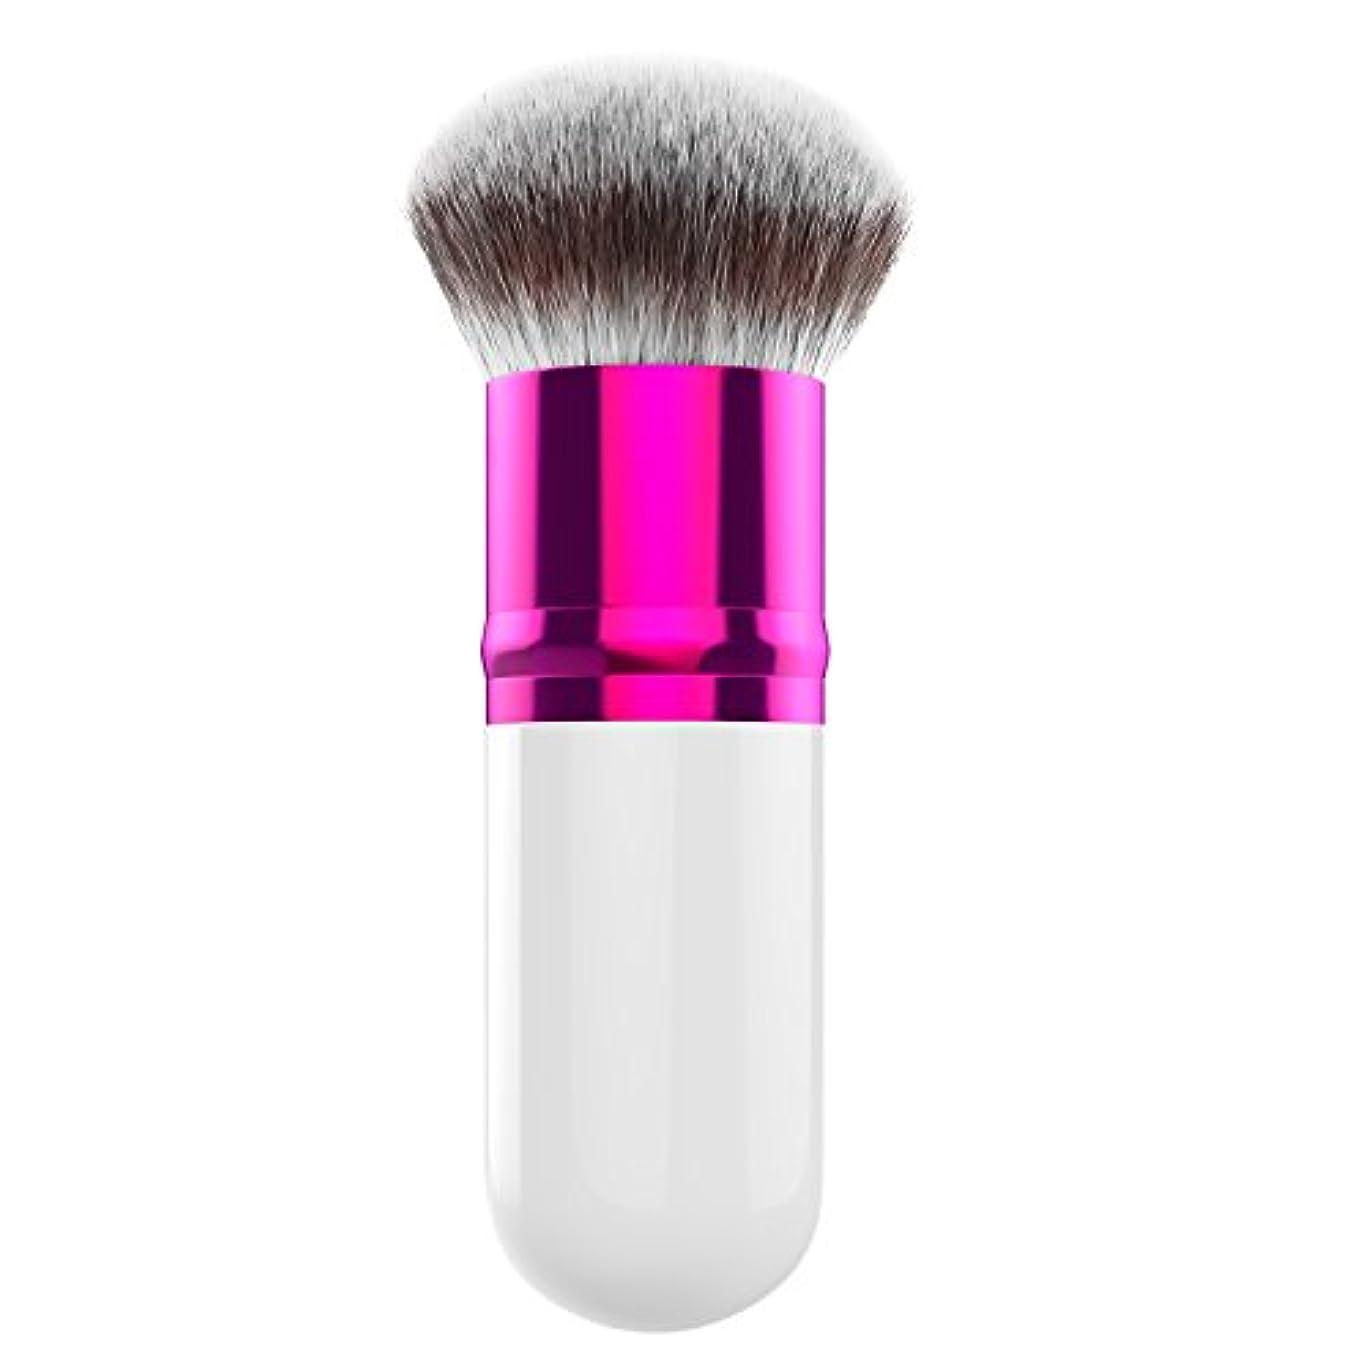 香港コーン分散ファンデーションブラシ - Luxspire メイクブラシ 化粧筆 コスメブラシ 繊細な人工毛 毛質やわらかい 肌に優しい - Magenta